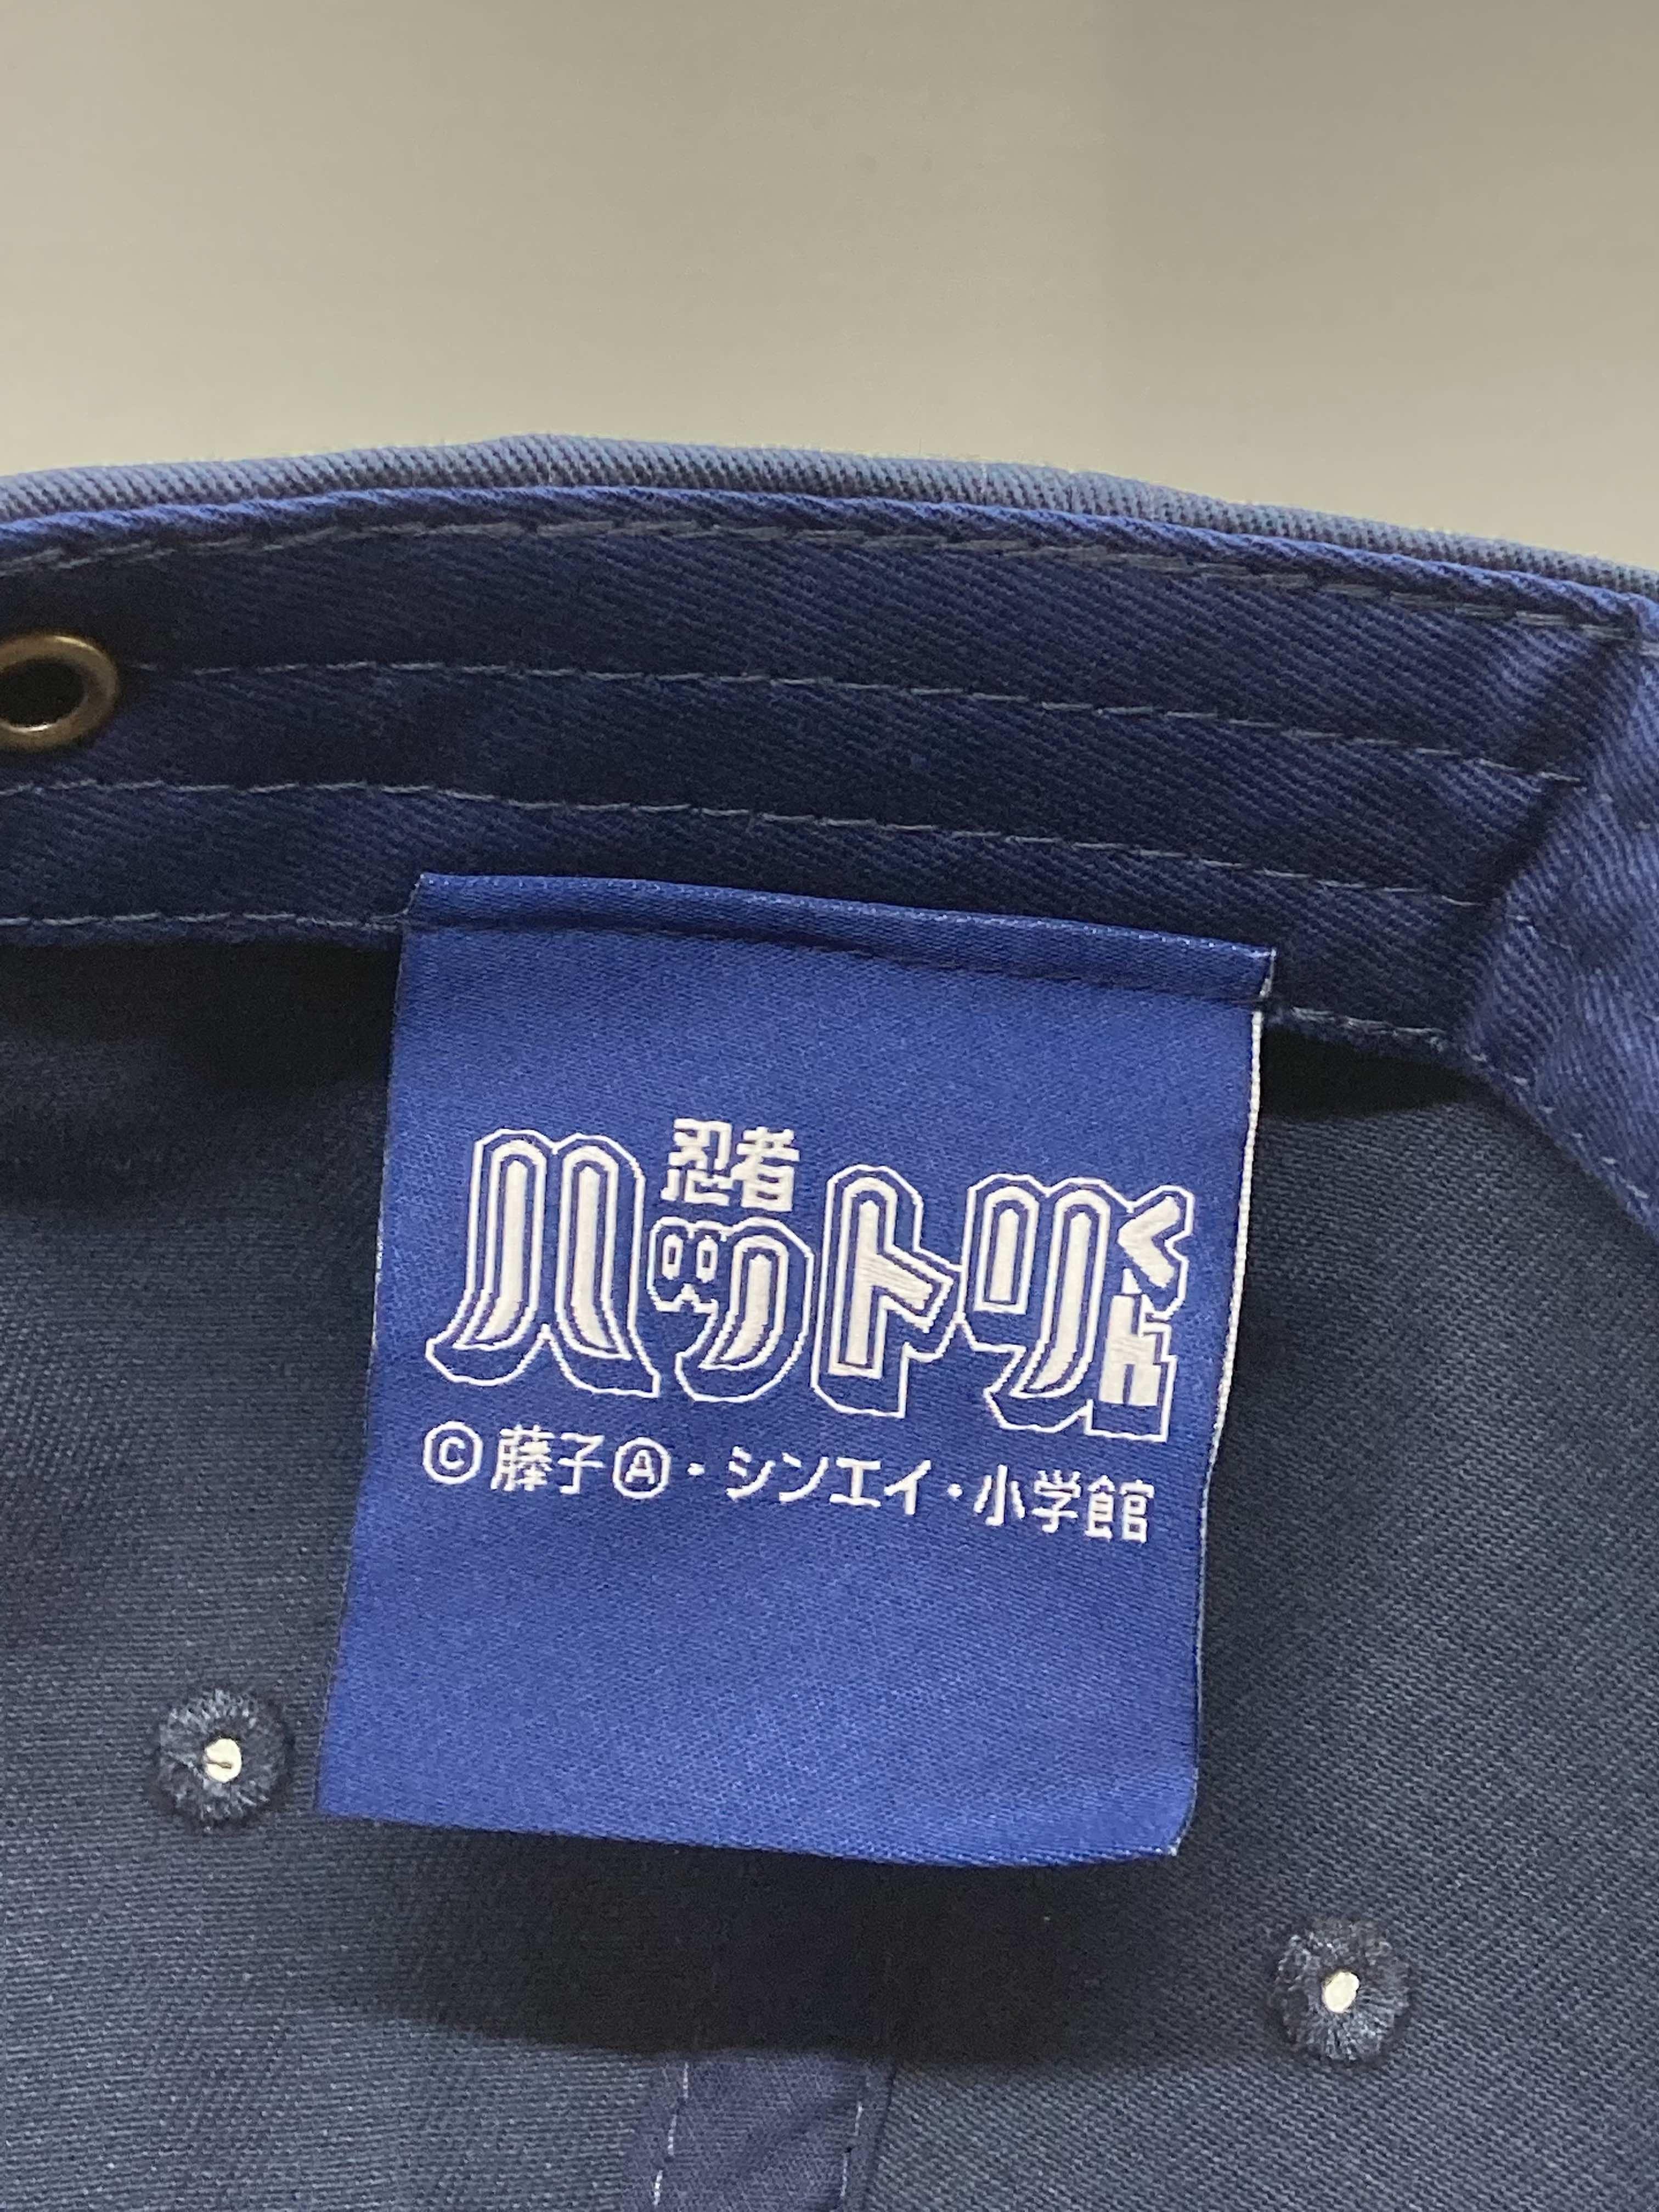 忍者ハットリくん 刺繍キャップ / ネイビー